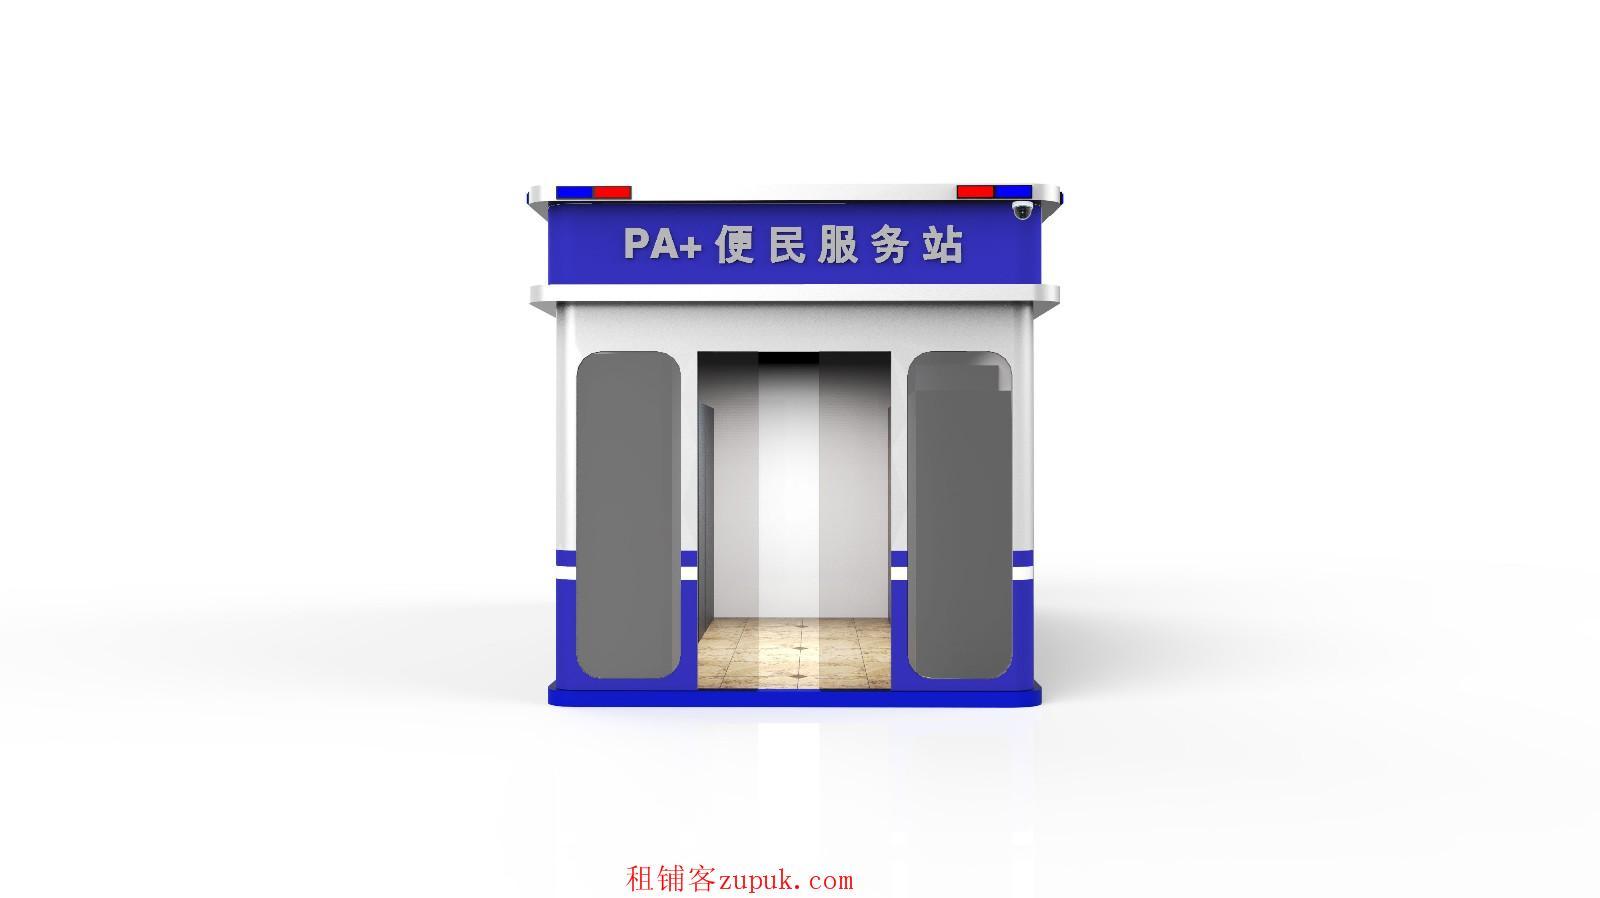 长乐市区主要十字路口便民服务站20个,自动售货机场地提供